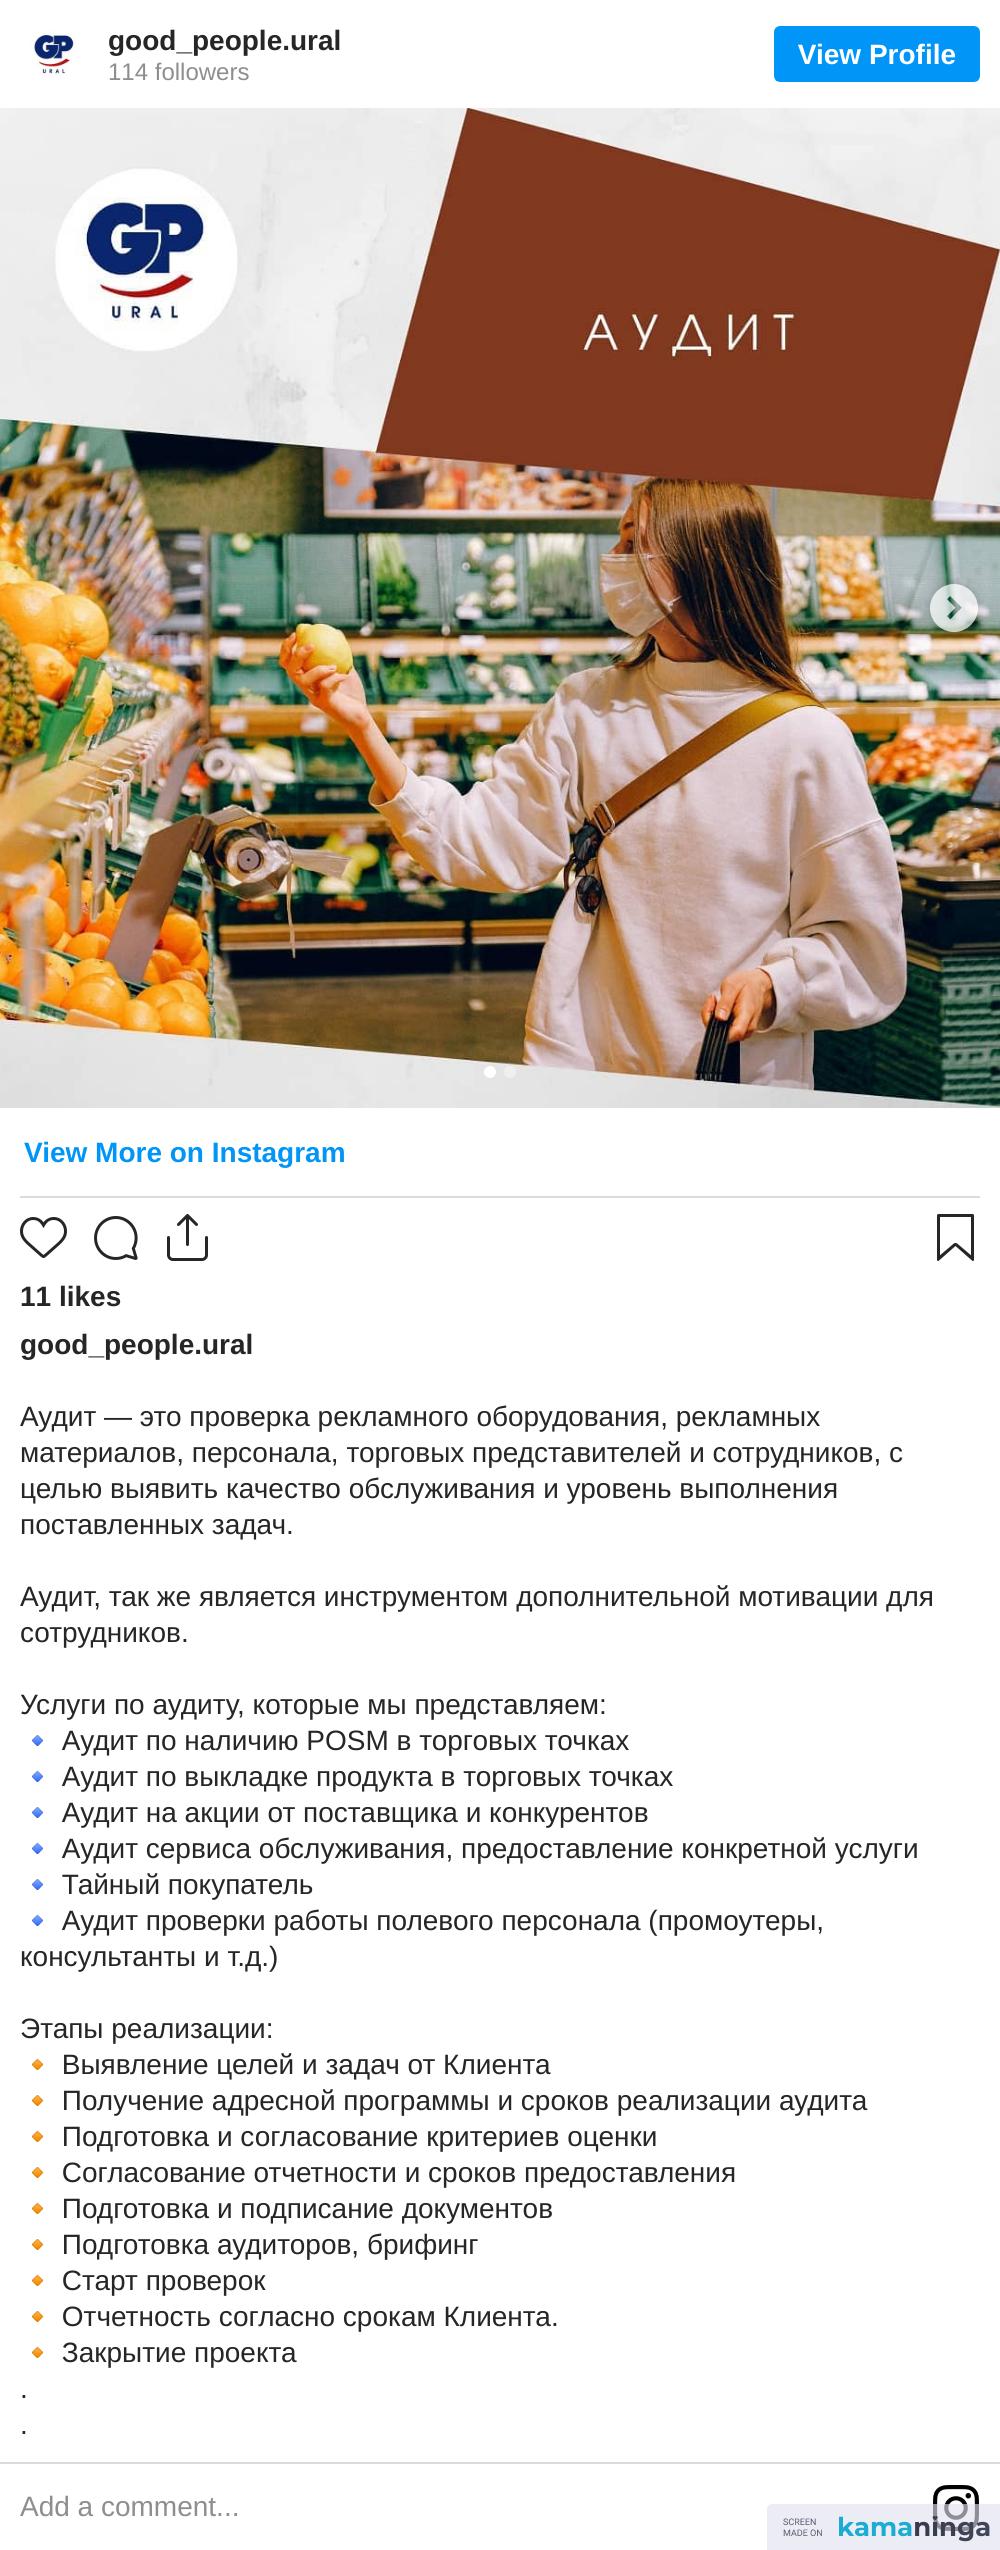 https://www.instagram.com/p/CP935Z1Laje/